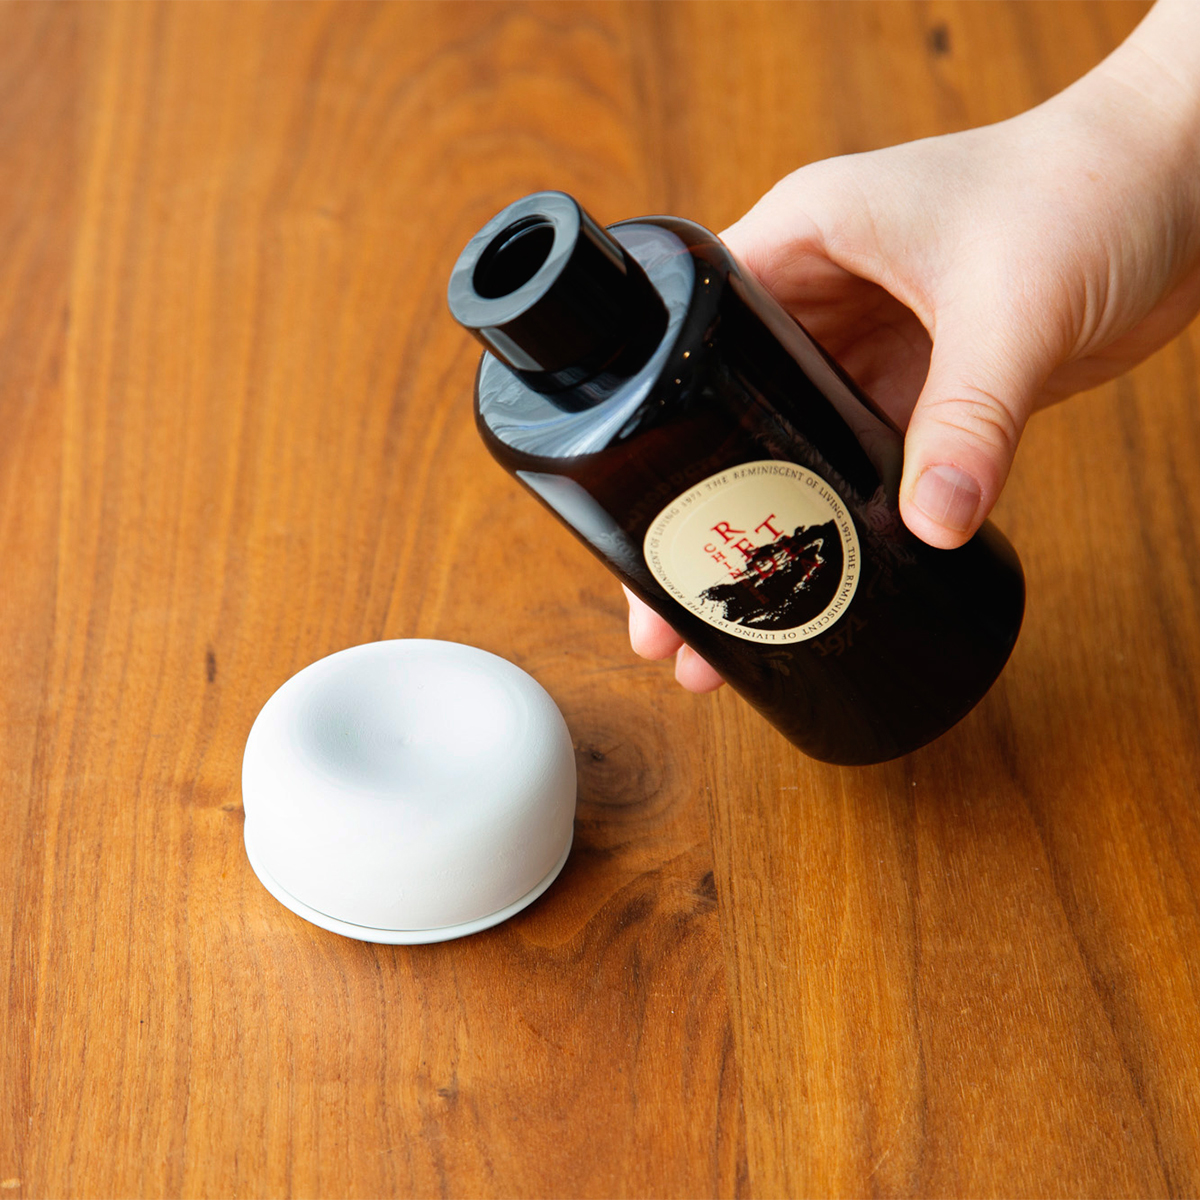 使い方|アルコールが飛んで香りが感じにくくなったら、軽石やアロマストーンに直接アロマオイルを垂らしてご活用ください。ディフューザー|タイ王室御用達のアロマブランド『KARMAKAMET(カルマカメット)』